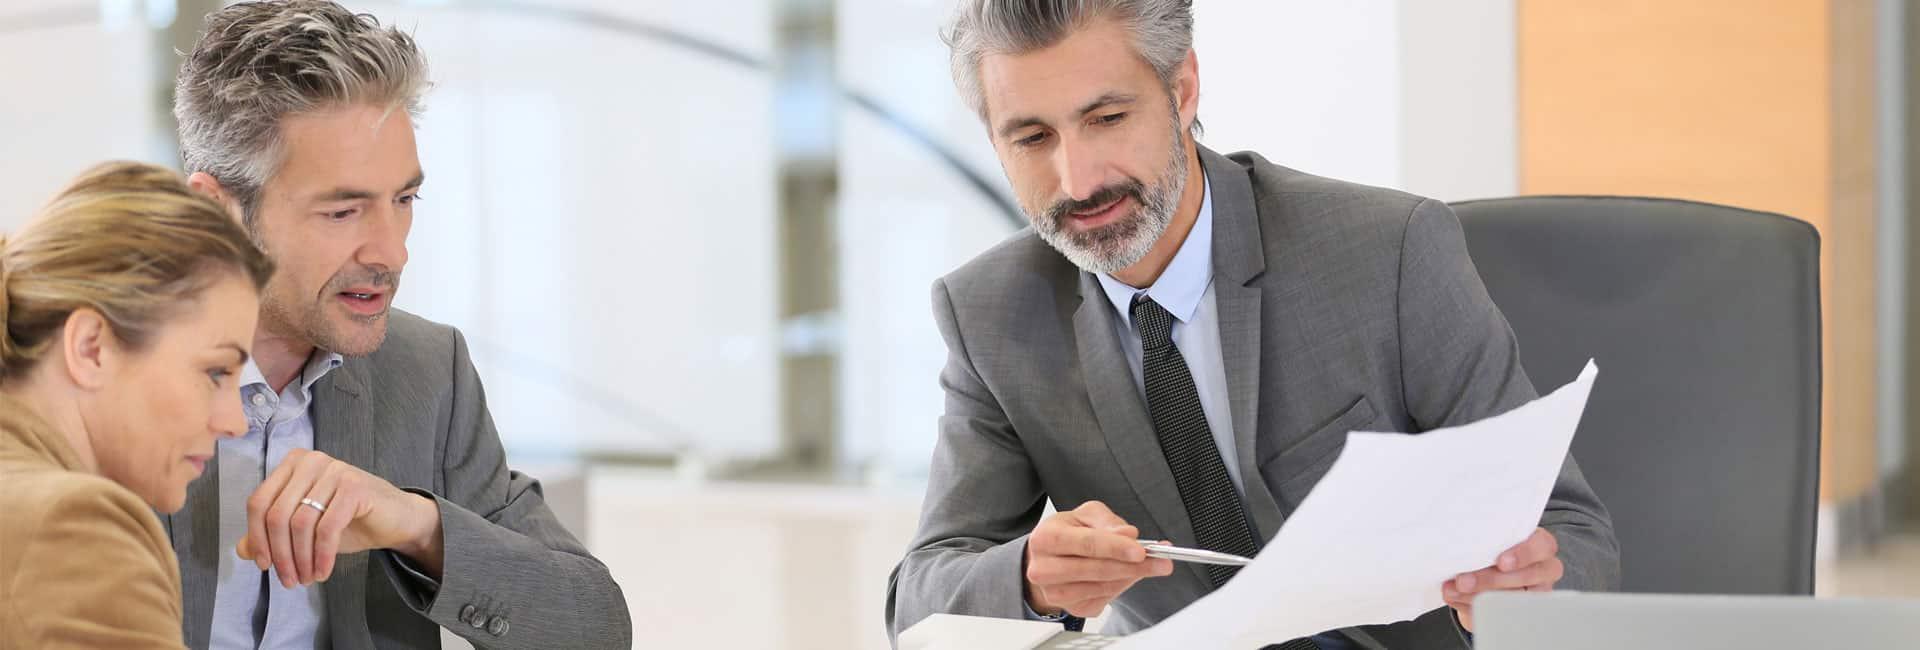 DIQZ Beratung: Professionelle und günstige Beratung für die Einführung der ISO 9001 und Zertifizierung. Guter Rat muss nicht teuer sein.